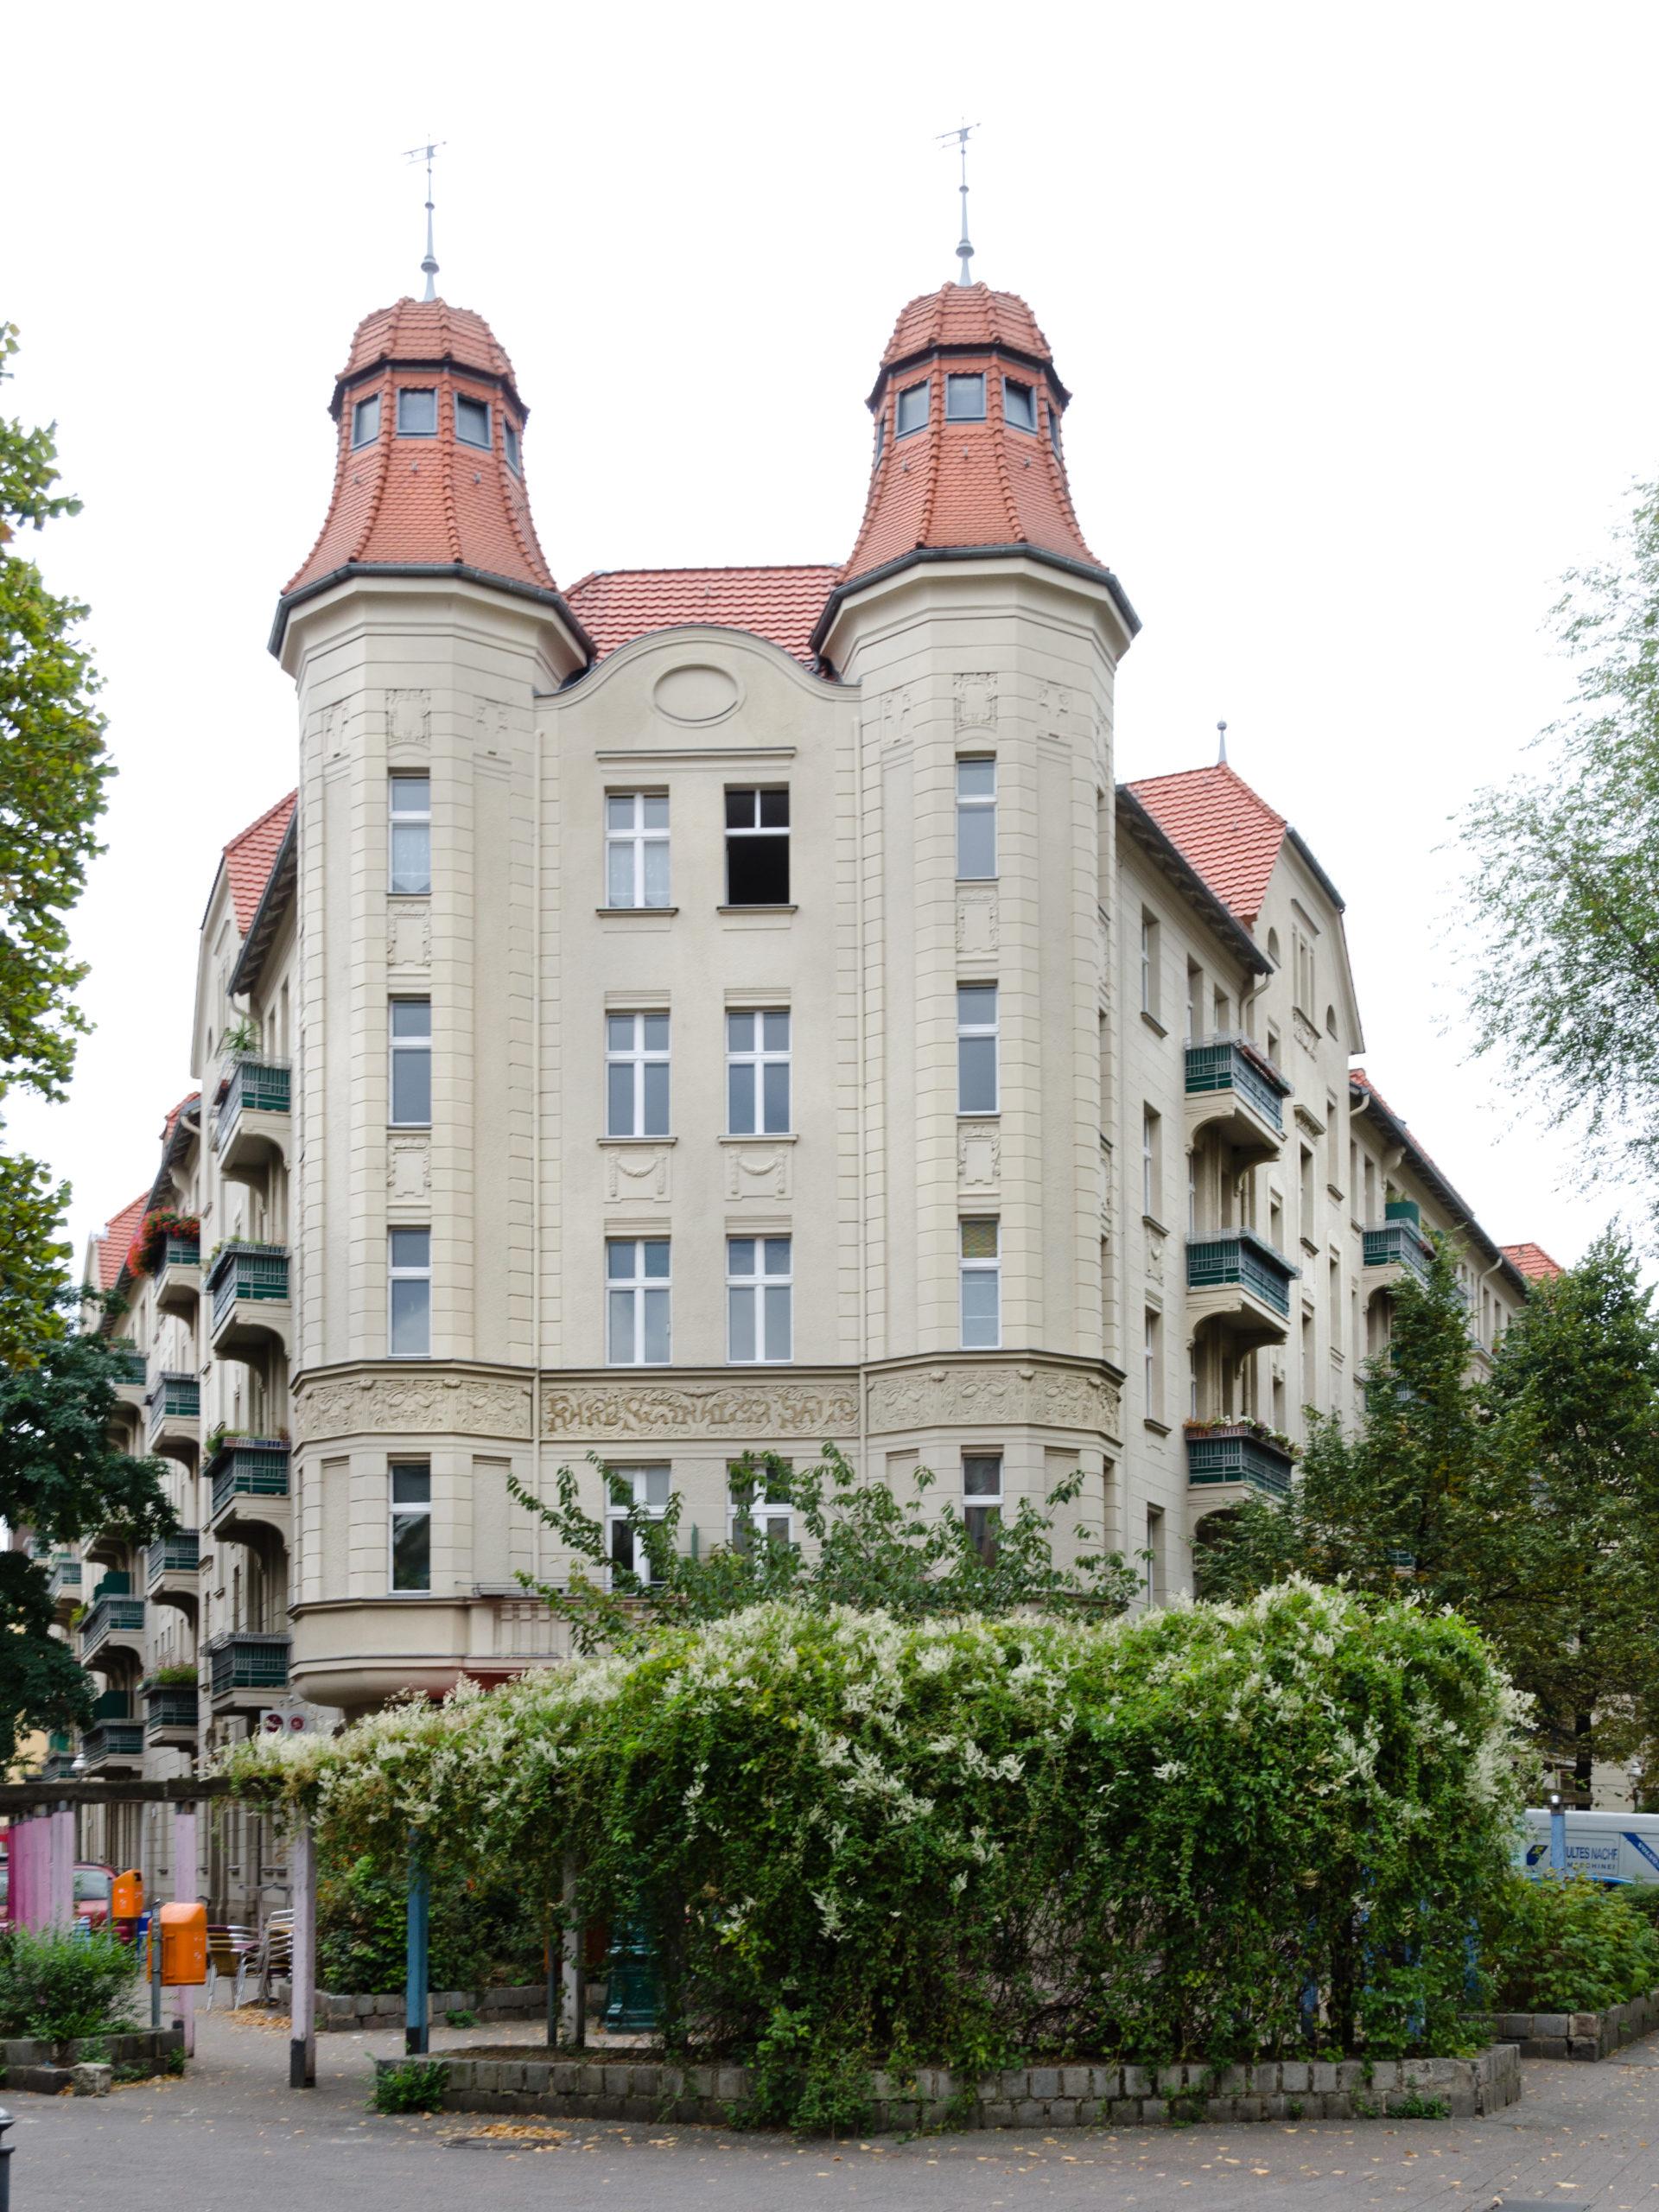 Das Karl-Schrader-Haus dominiert die Gegend rund um die Malplaquetstraße im Wedding. Foto: Schliwiju/Wikimedia Commons/CC BY-SA 4.0